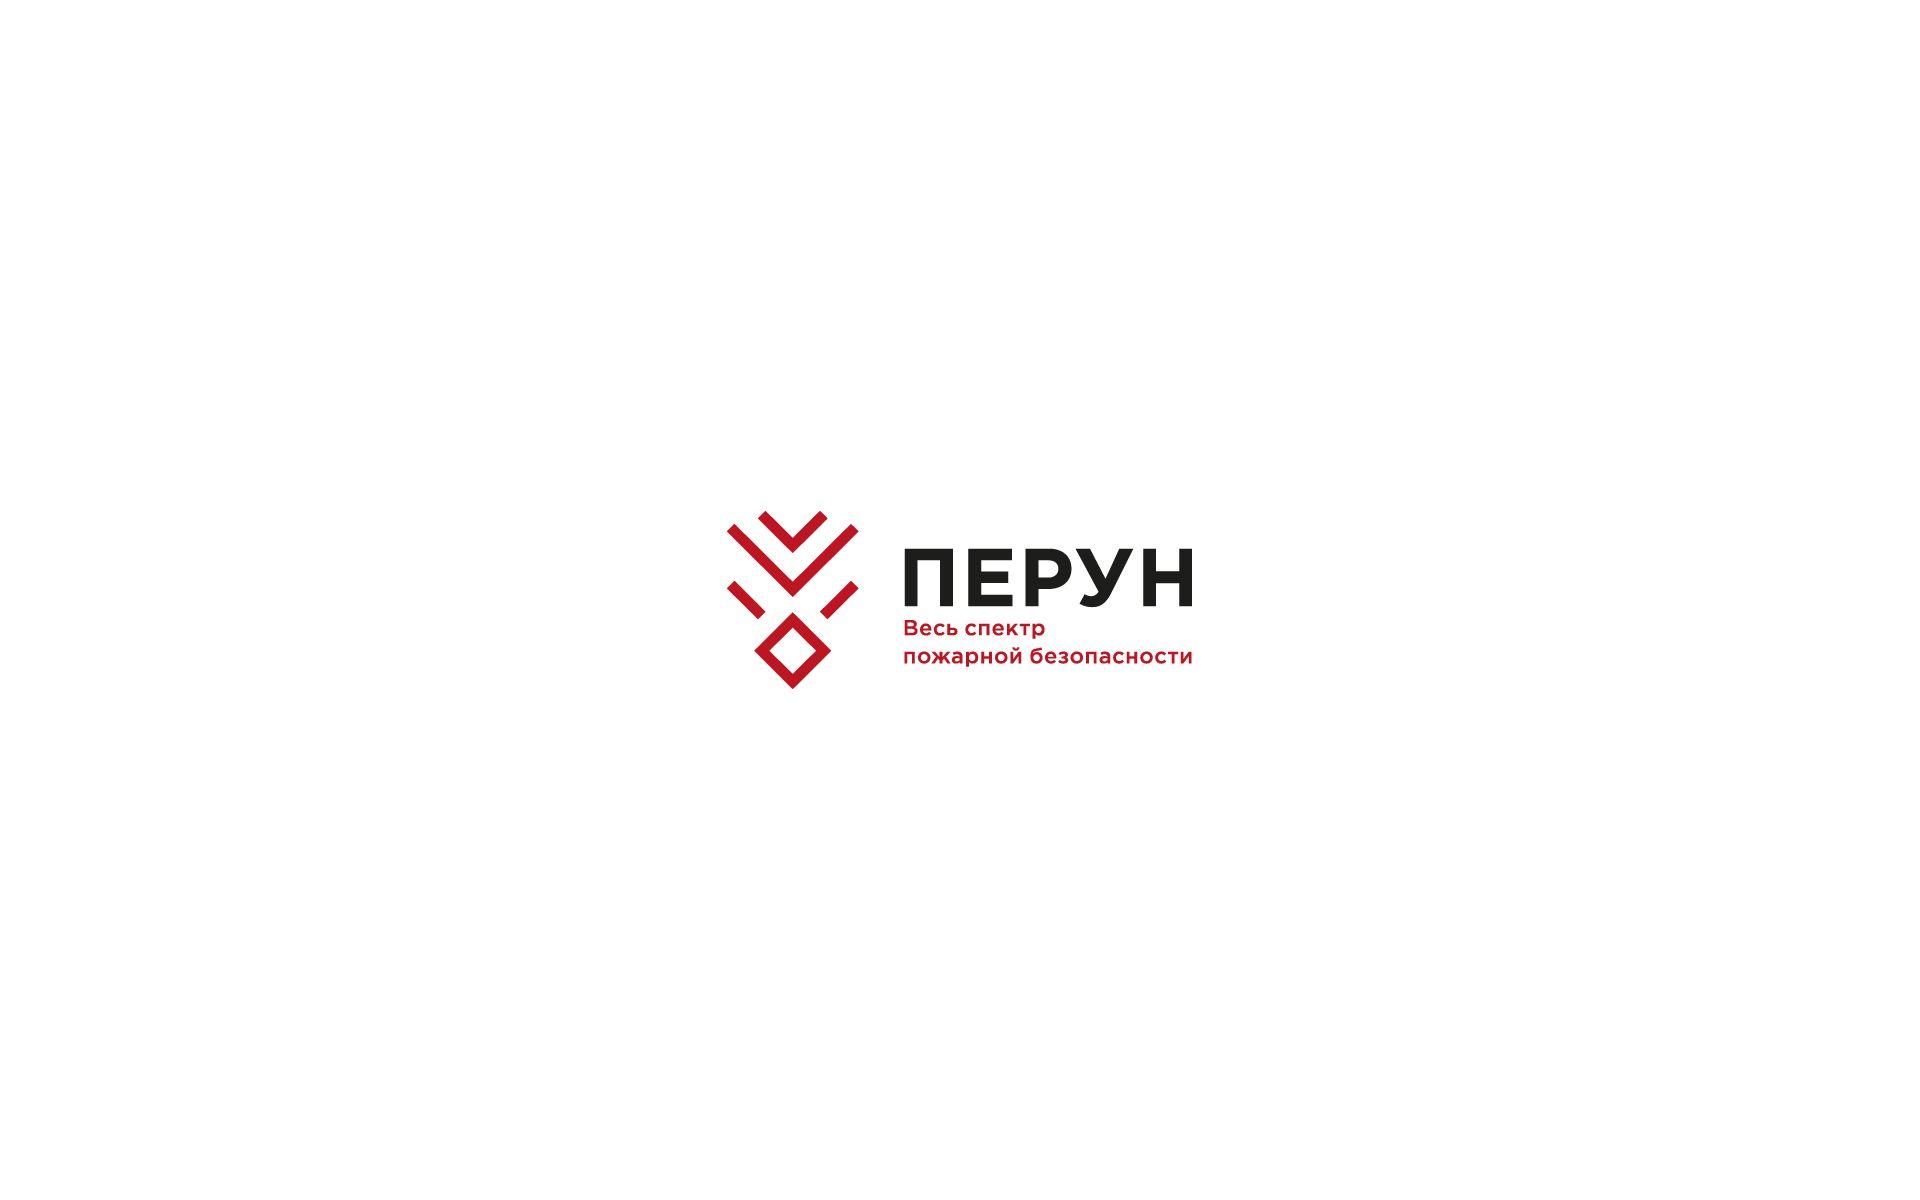 Логотип для компании пожарной безопасности Перун - дизайнер U4po4mak